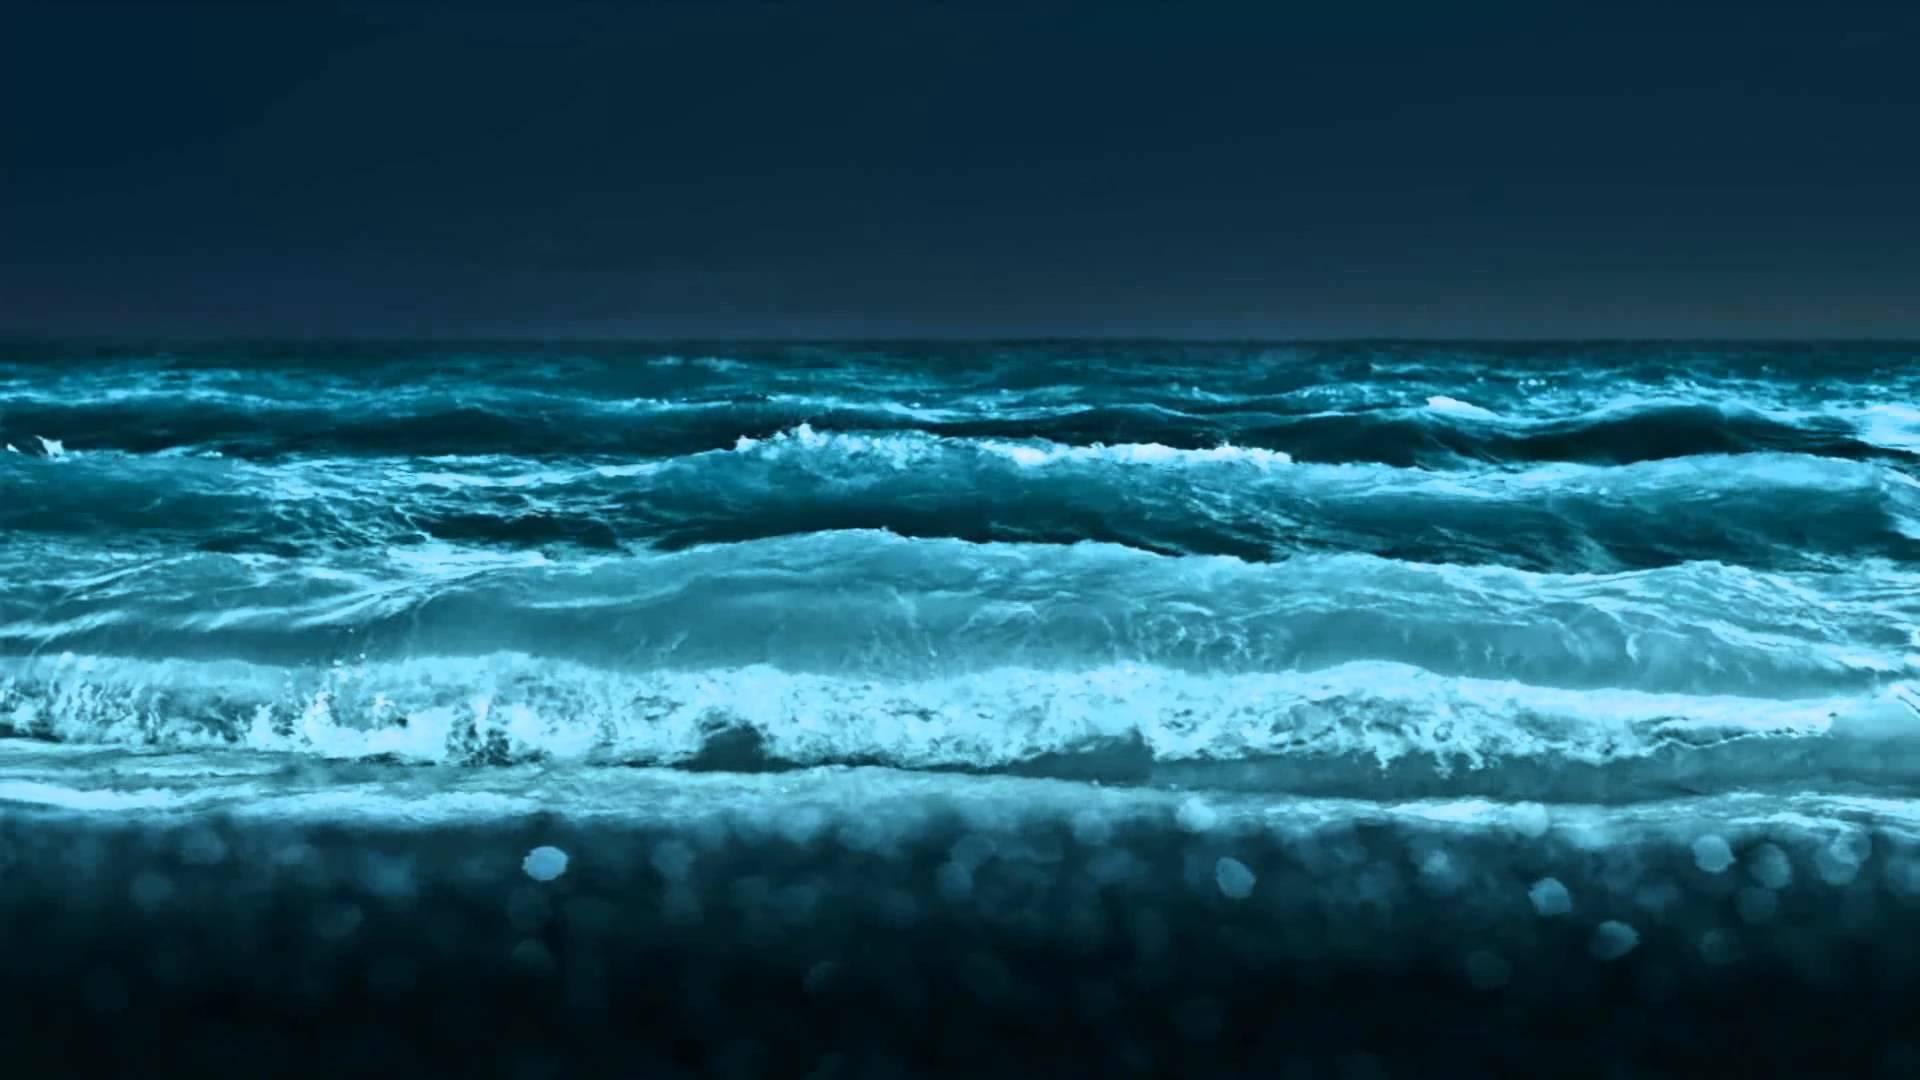 Ocean Waves Animated Wallpaper httpwwwdesktopanimatedcom 1920x1080